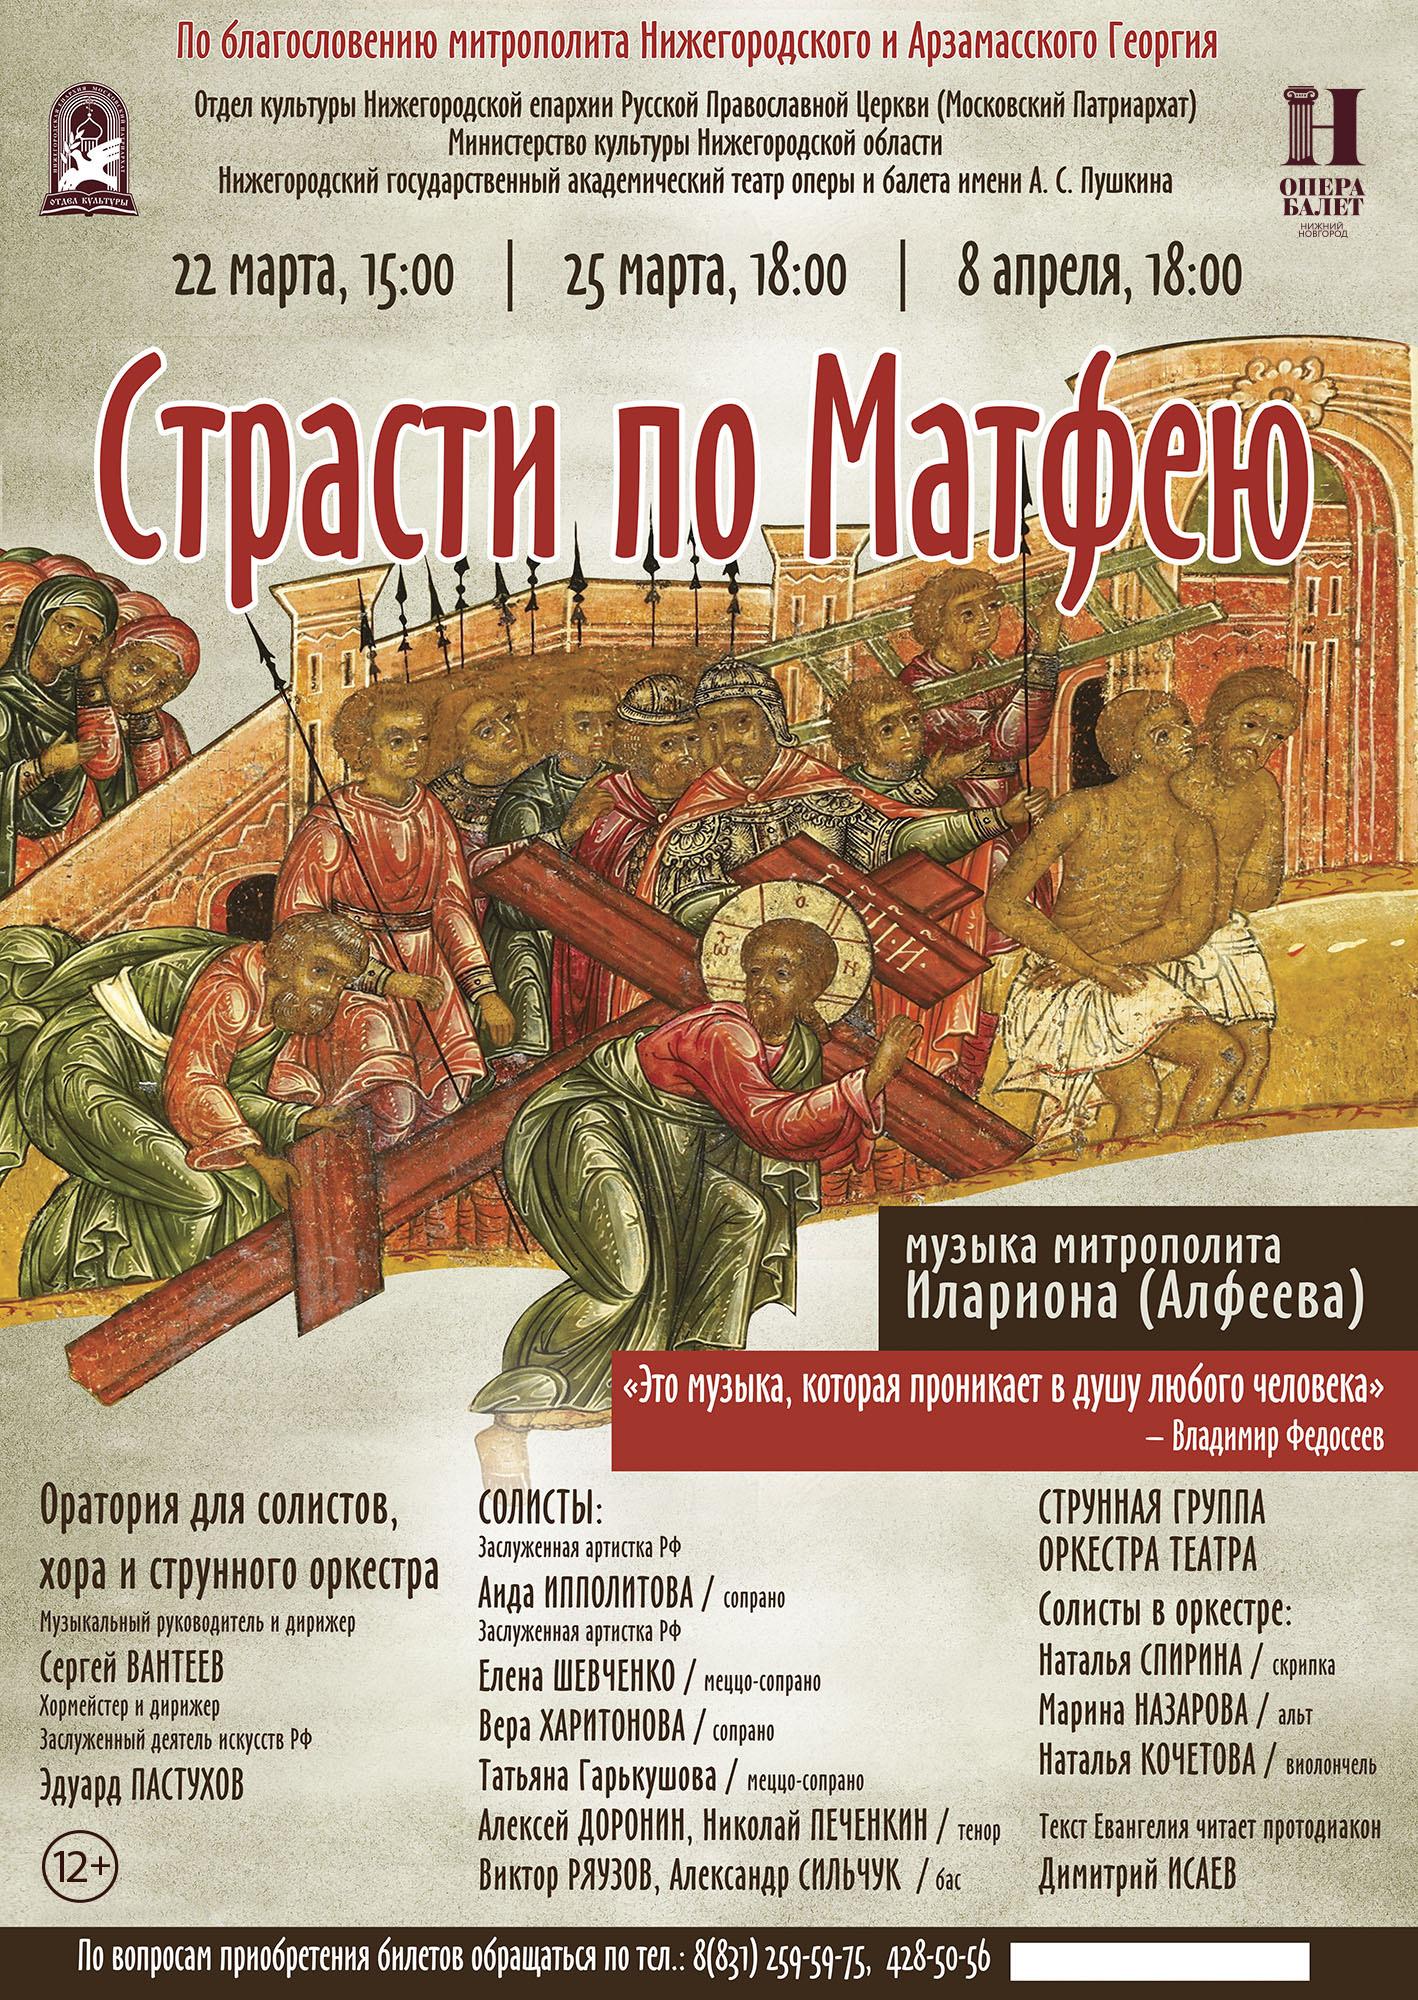 Оратория «Страсти по Матфею» прозвучит в городах Серафимовой земли в дни Великого поста